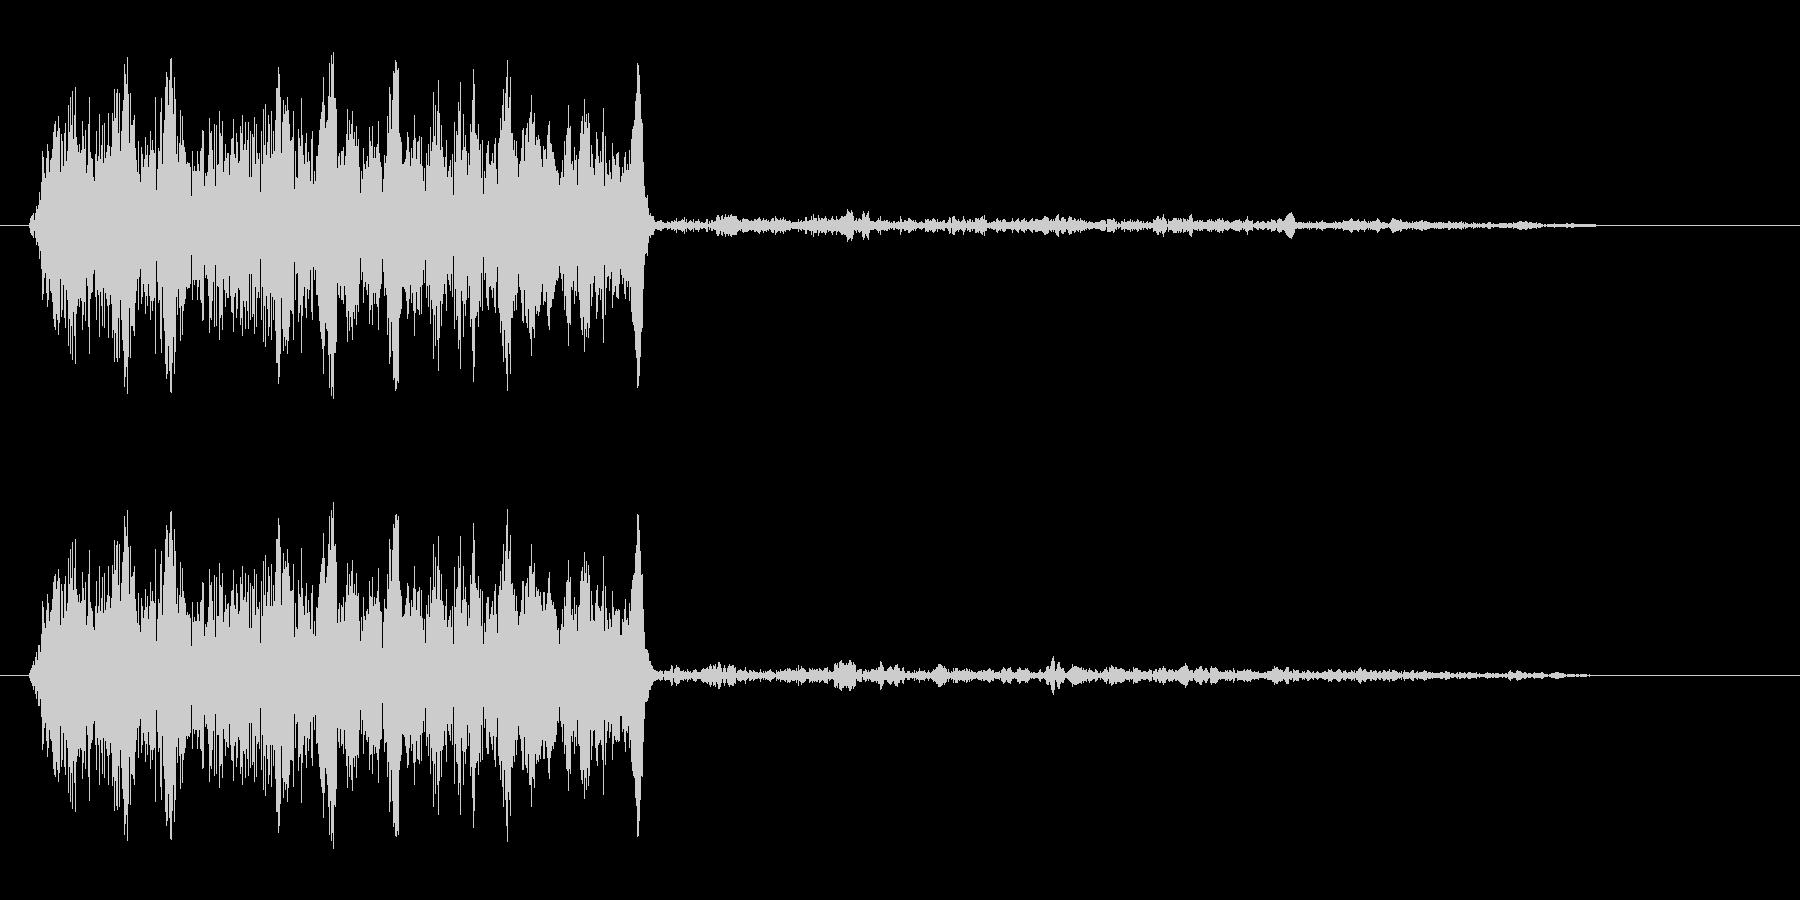 キュワッ(動物もしくは摩擦の声)の未再生の波形